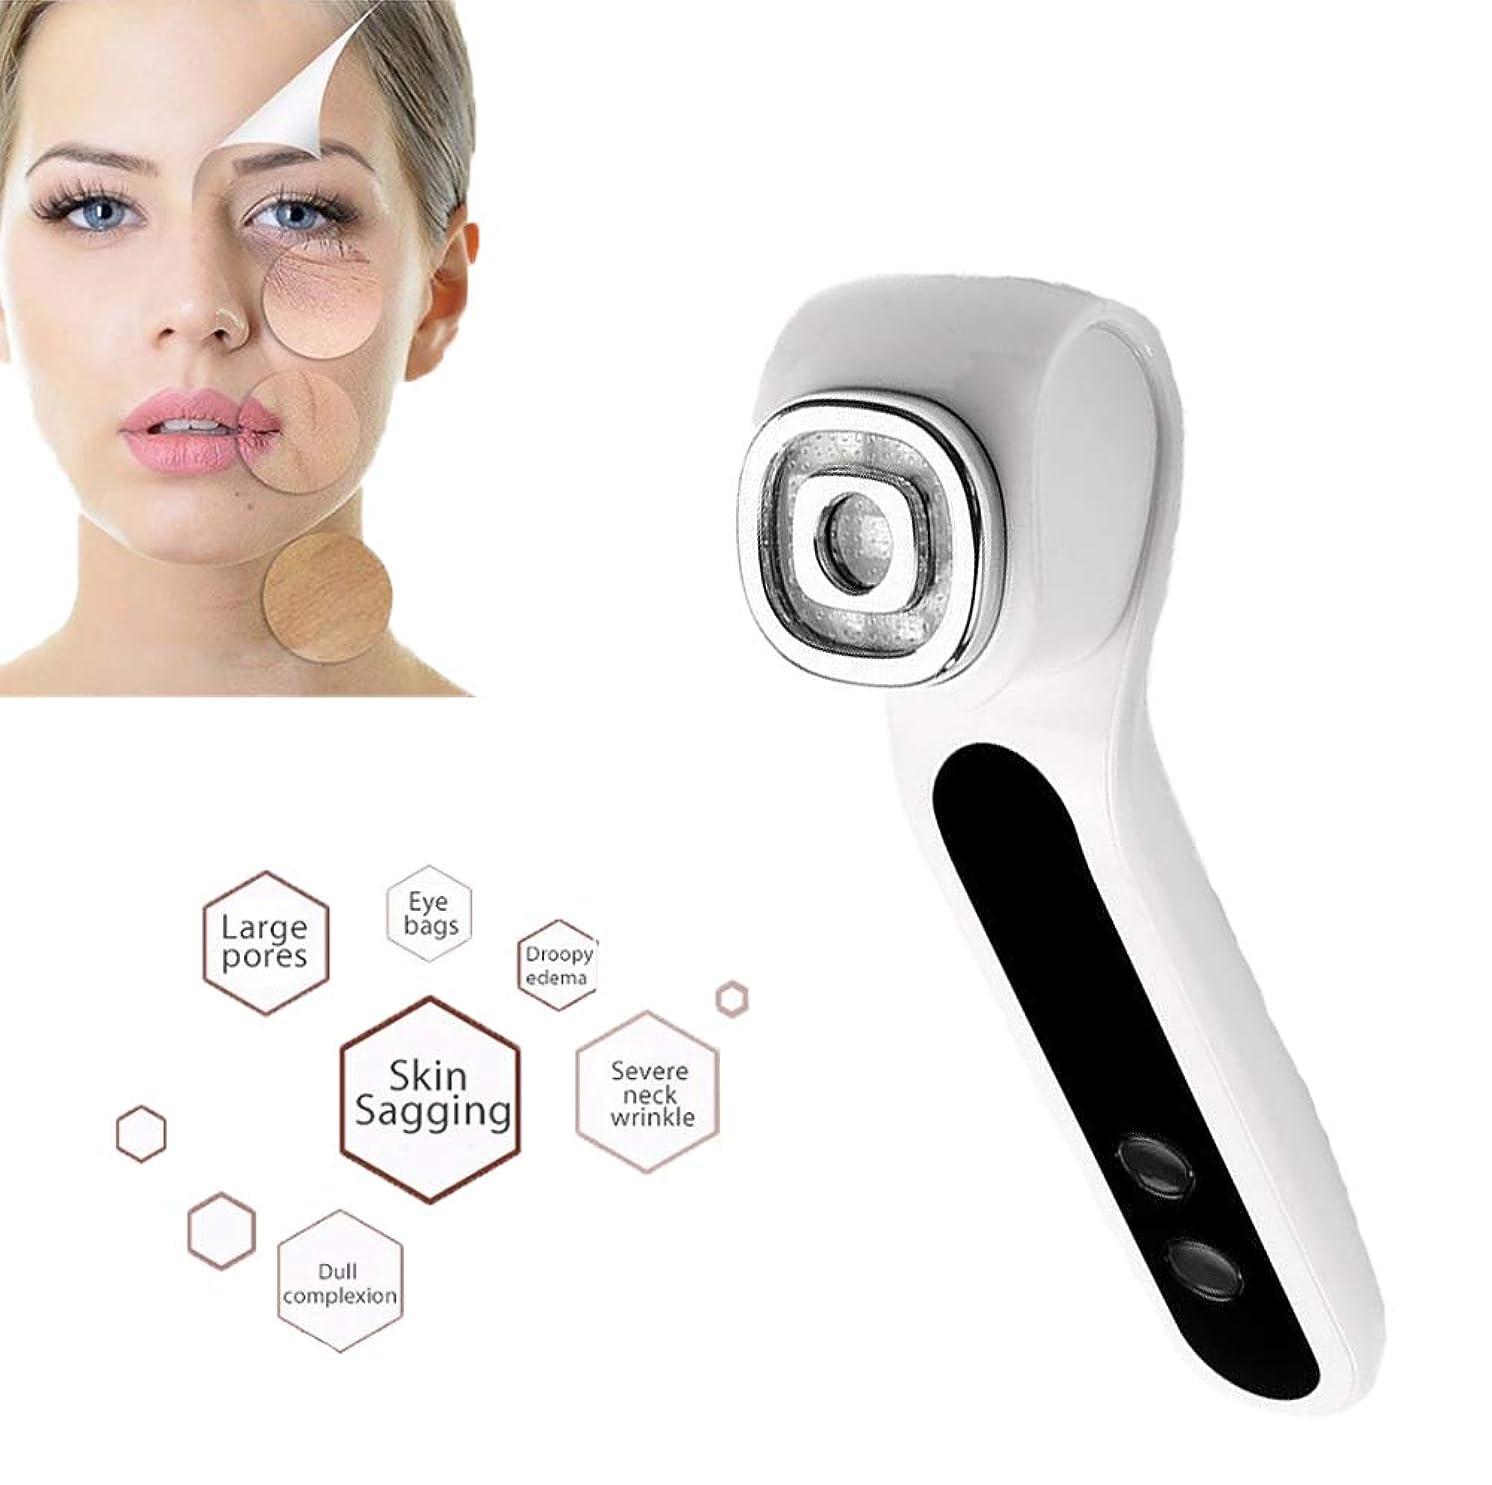 地殻のヒープ動美容化粧品LED光子療法RF + EMSリフティングイオンクレンジング振動肌の整形マッサージ用家庭用